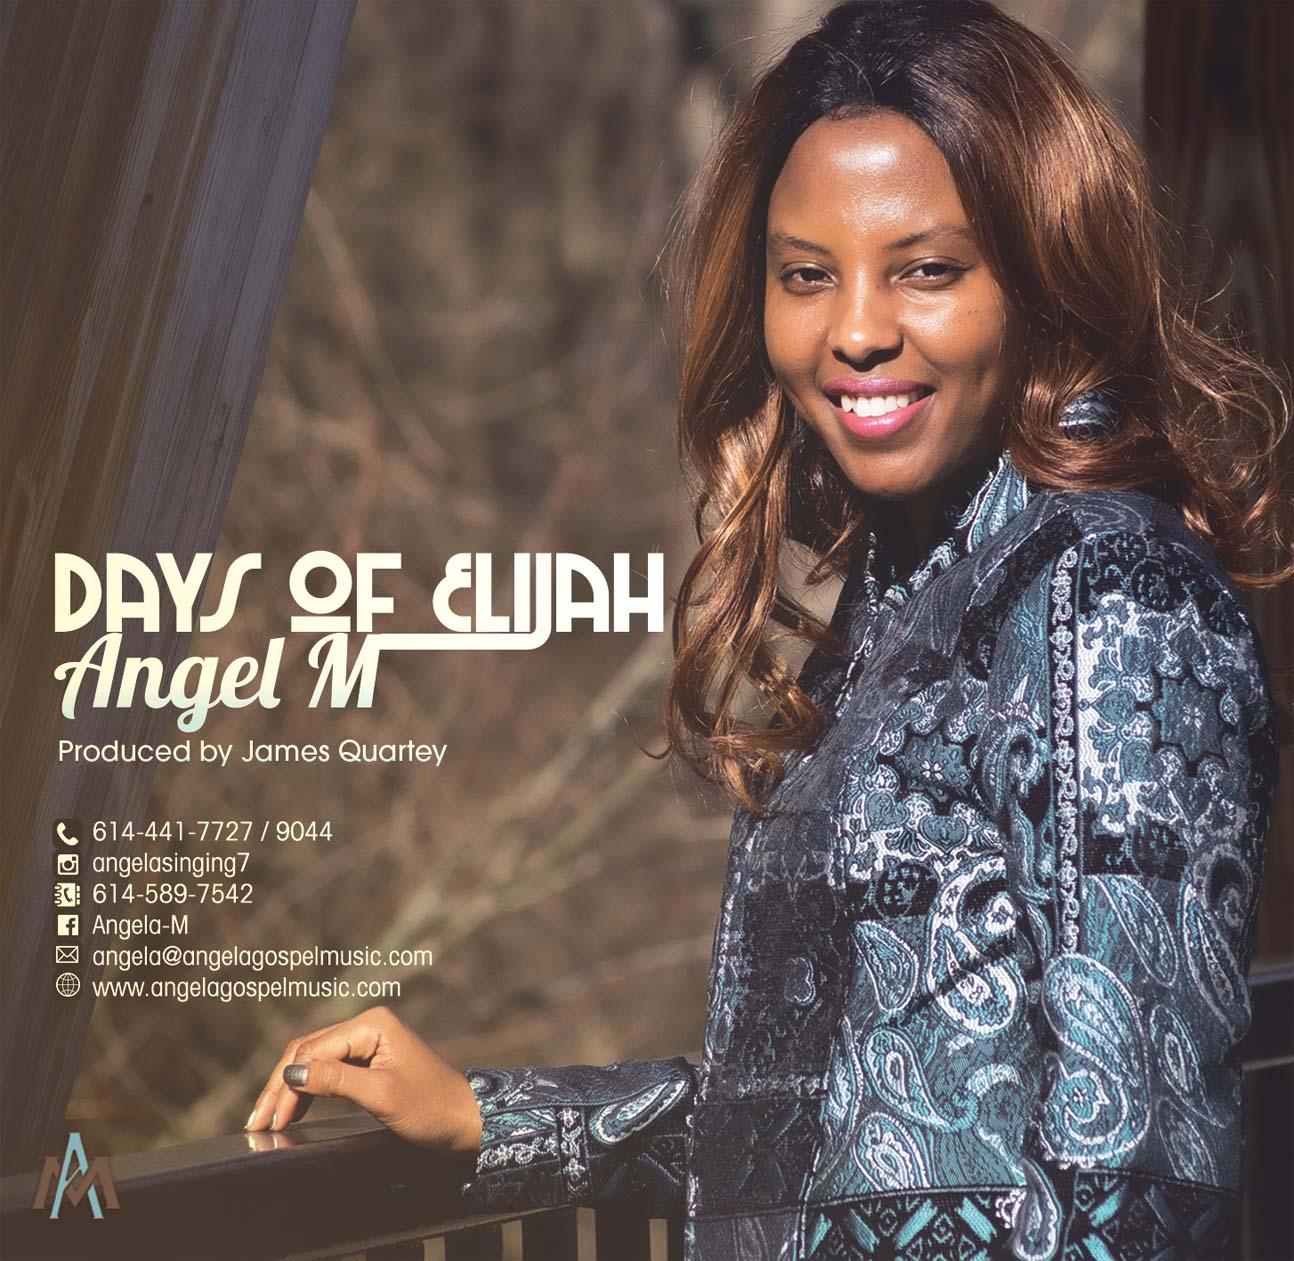 http://highlydemanded.org/wp-content/uploads/2017/04/Angela-M-Days-of-Elijah.jpg